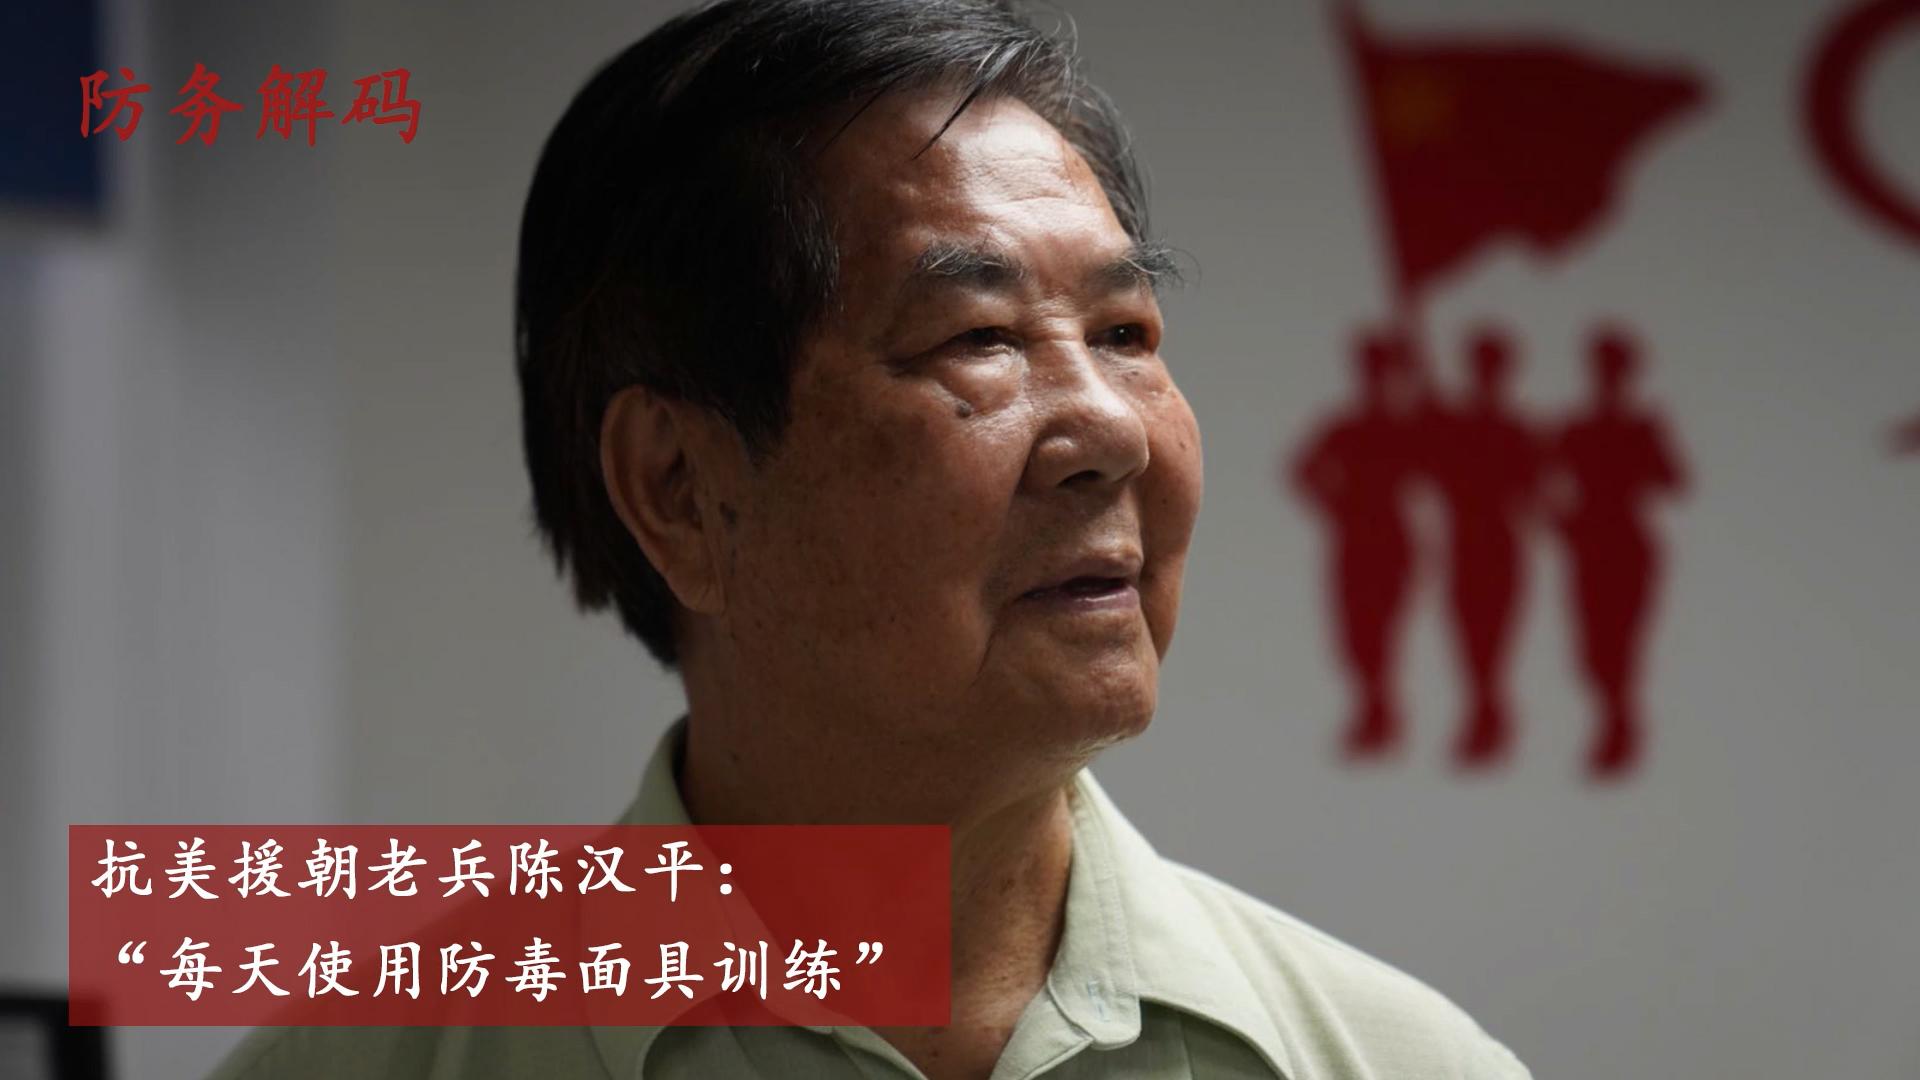 老兵口述:我在朝鮮戰場當防化兵